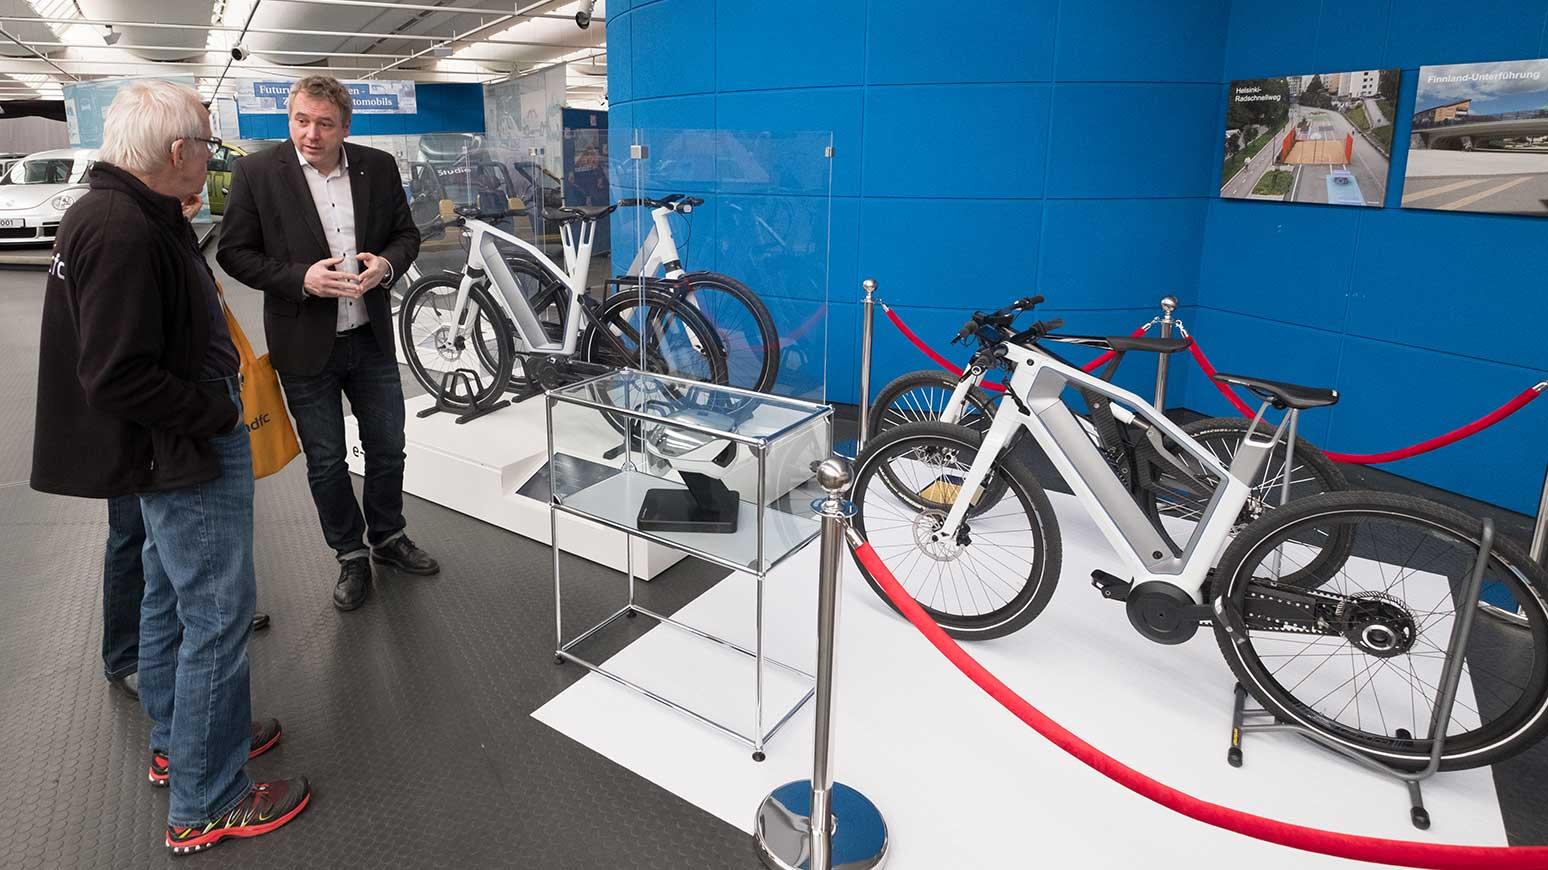 Das AutoMuseum Volkswagen zeigt in seiner Sonderausstellung auch E-Bike-Prototypen von VW.